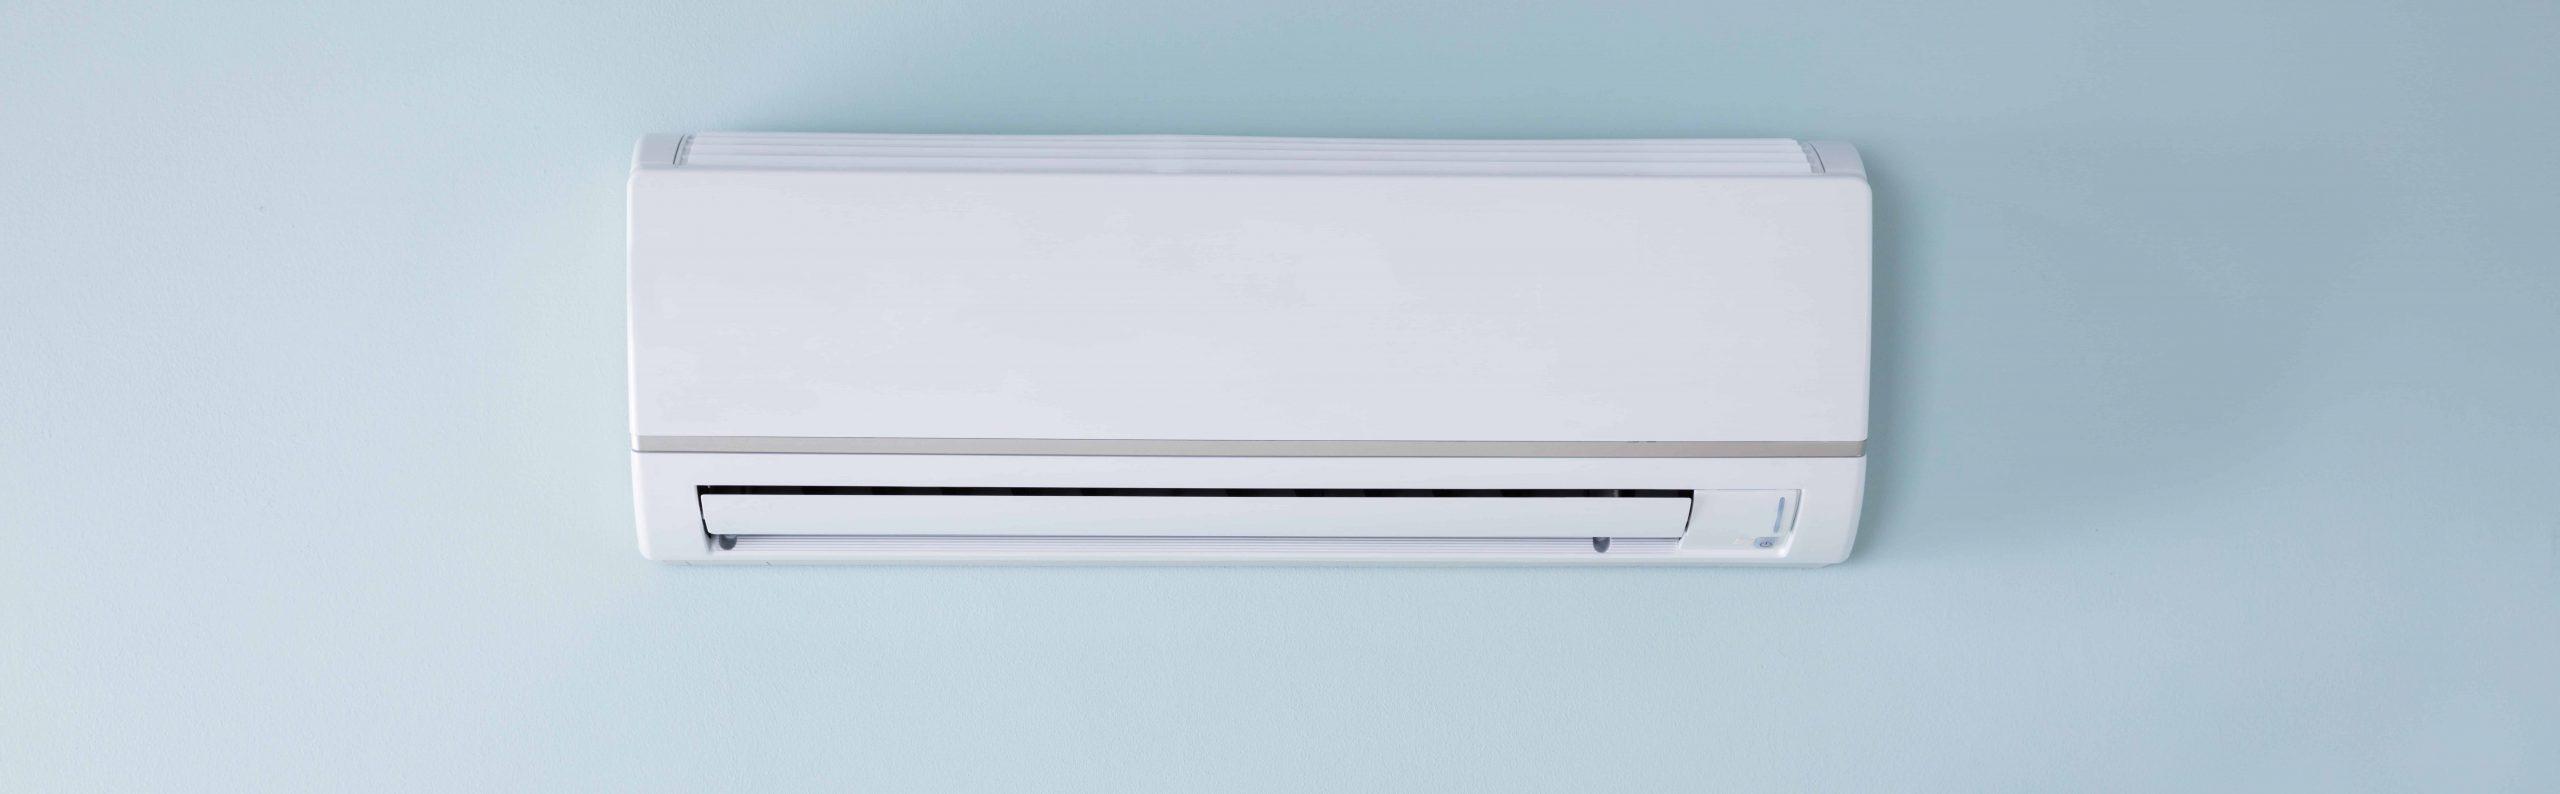 Full Size of Klimaanlage Test Empfehlungen 02 20 Einrichtungsradar Alarmanlagen Für Fenster Und Türen Hussen Sofa Gardinen Schlafzimmer Landhaus Fürstenhof Bad Griesbach Schlafzimmer Klimagerät Für Schlafzimmer